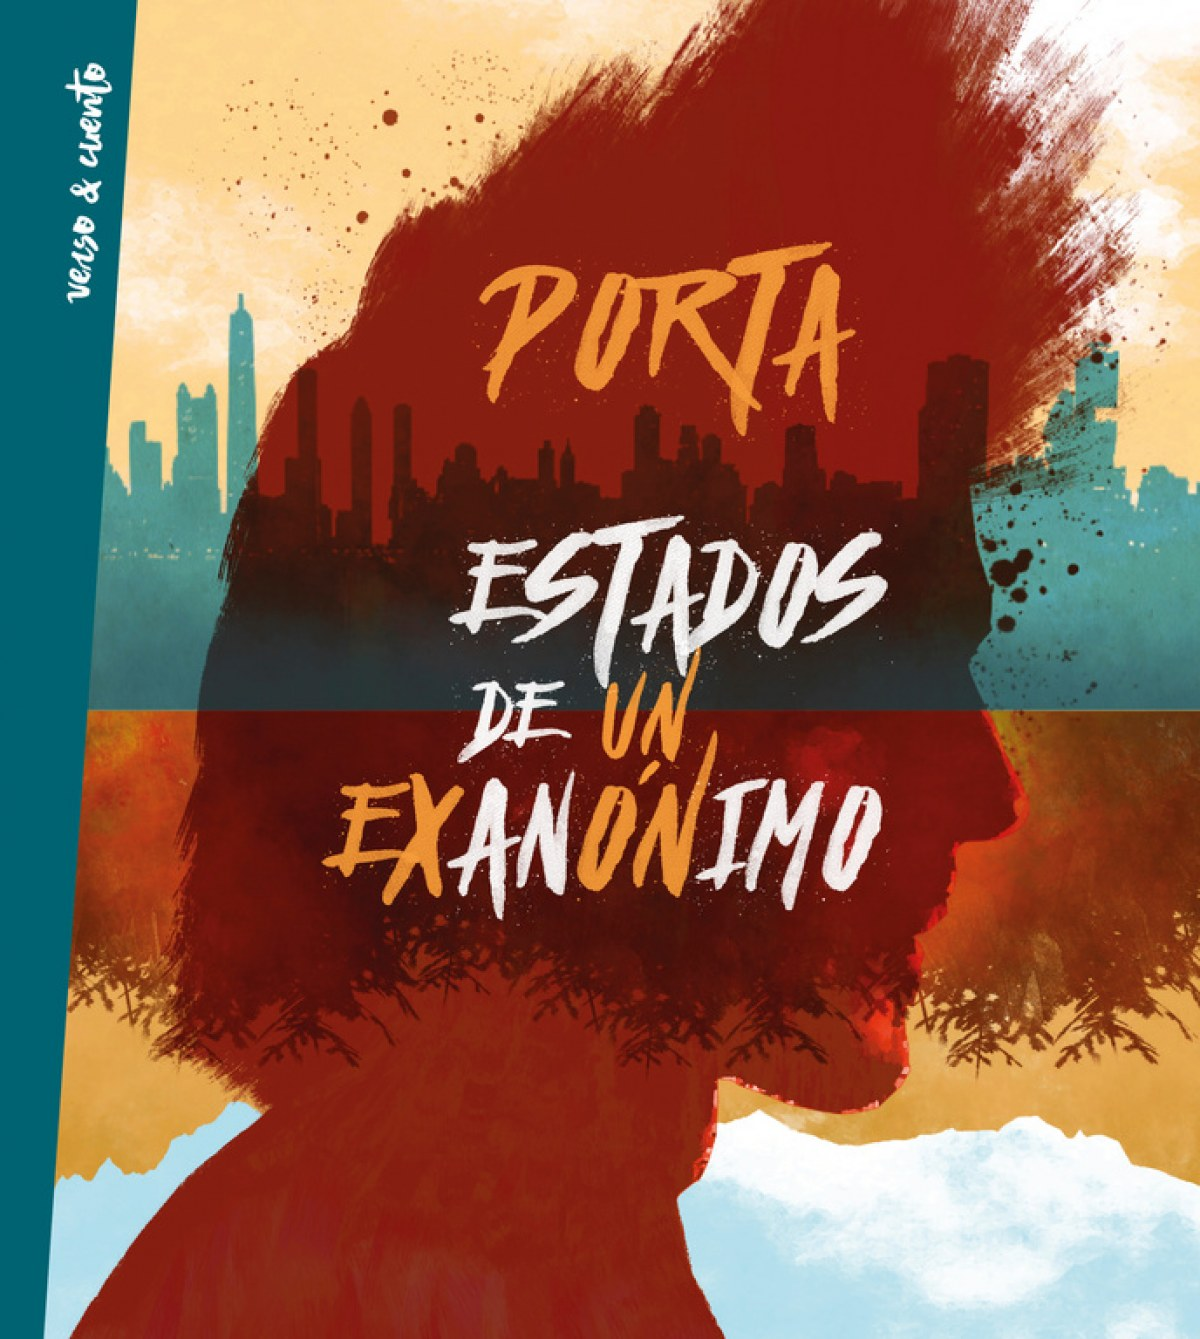 ESTADOS DE UN EXANONIMO 9788403517844